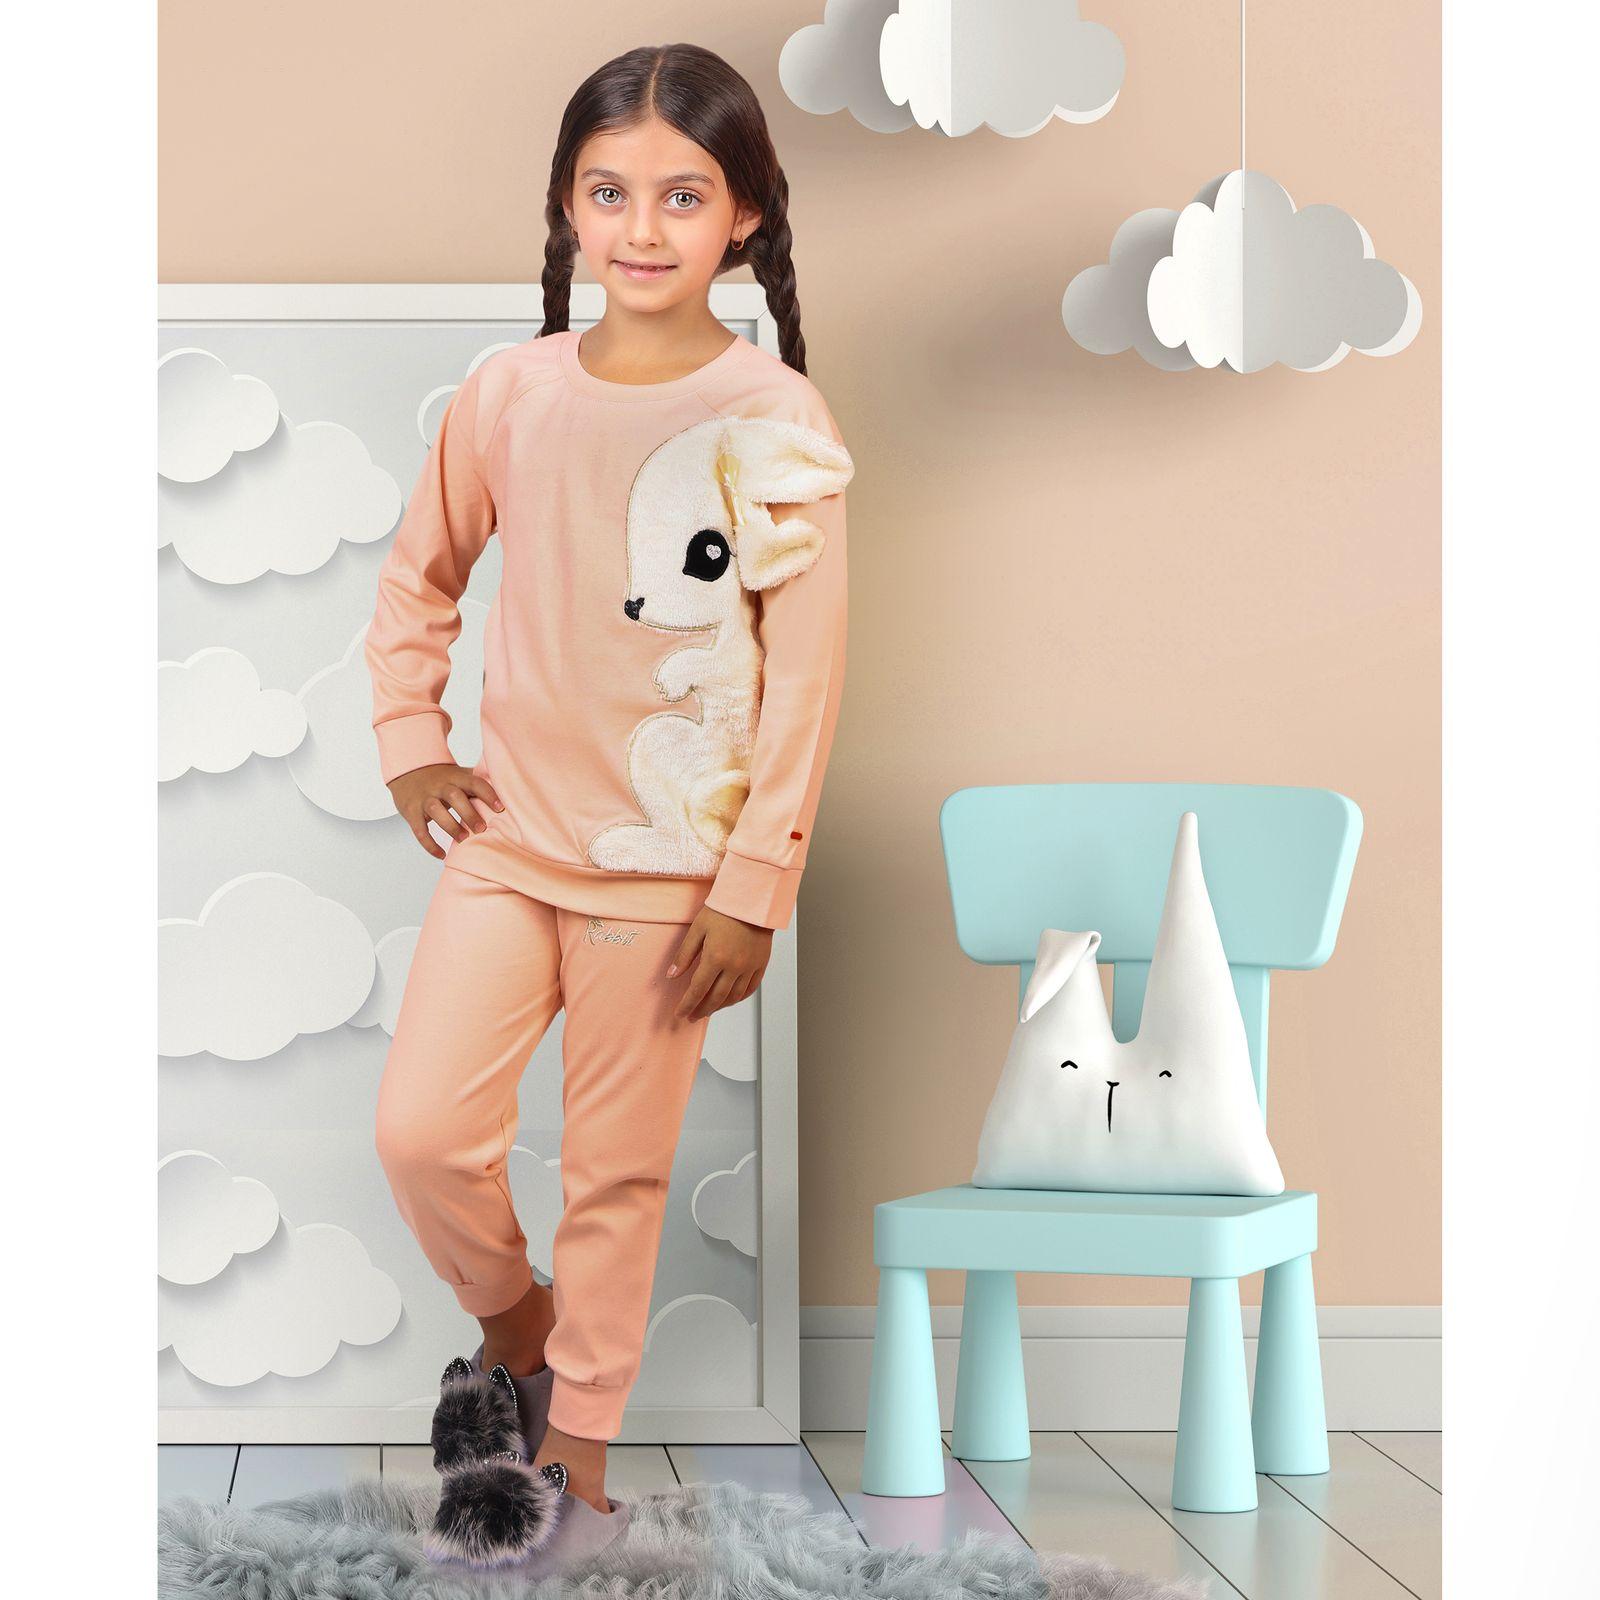 ست تی شرت و شلوار دخترانه مادر مدل 302-80 main 1 12